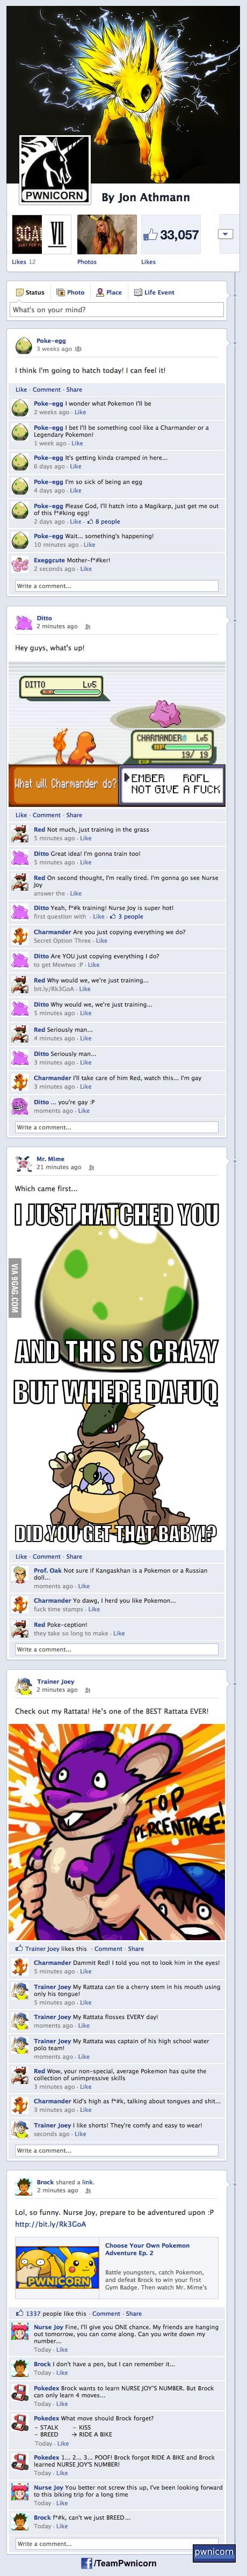 Top 5 Pokemon Posts